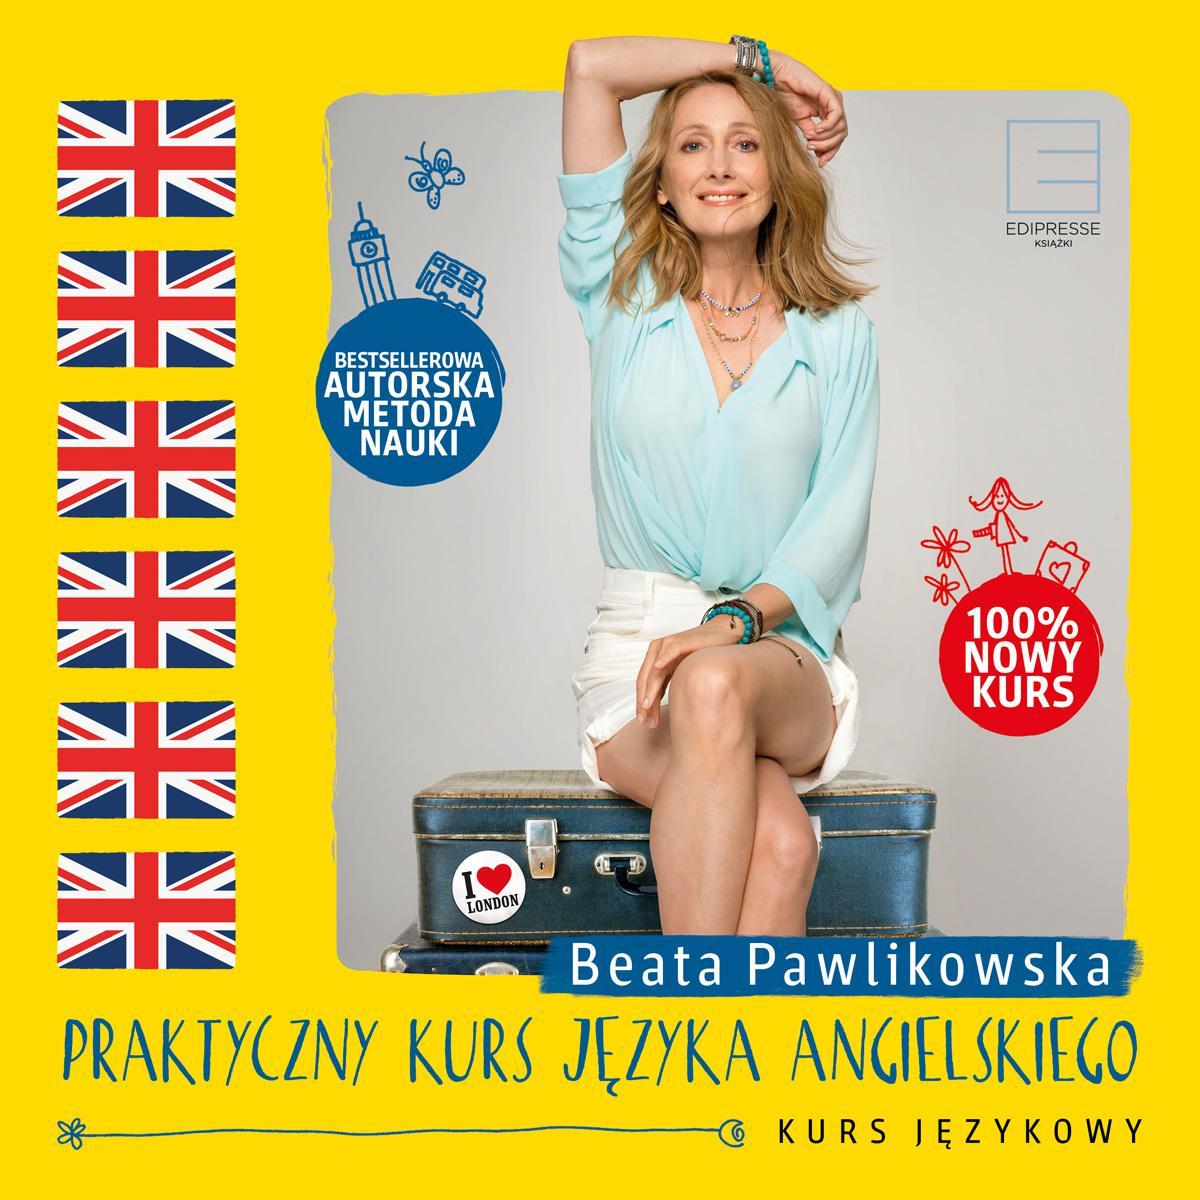 praktyczny kurs języka angielskiego pawlikowska pdf chomikuj